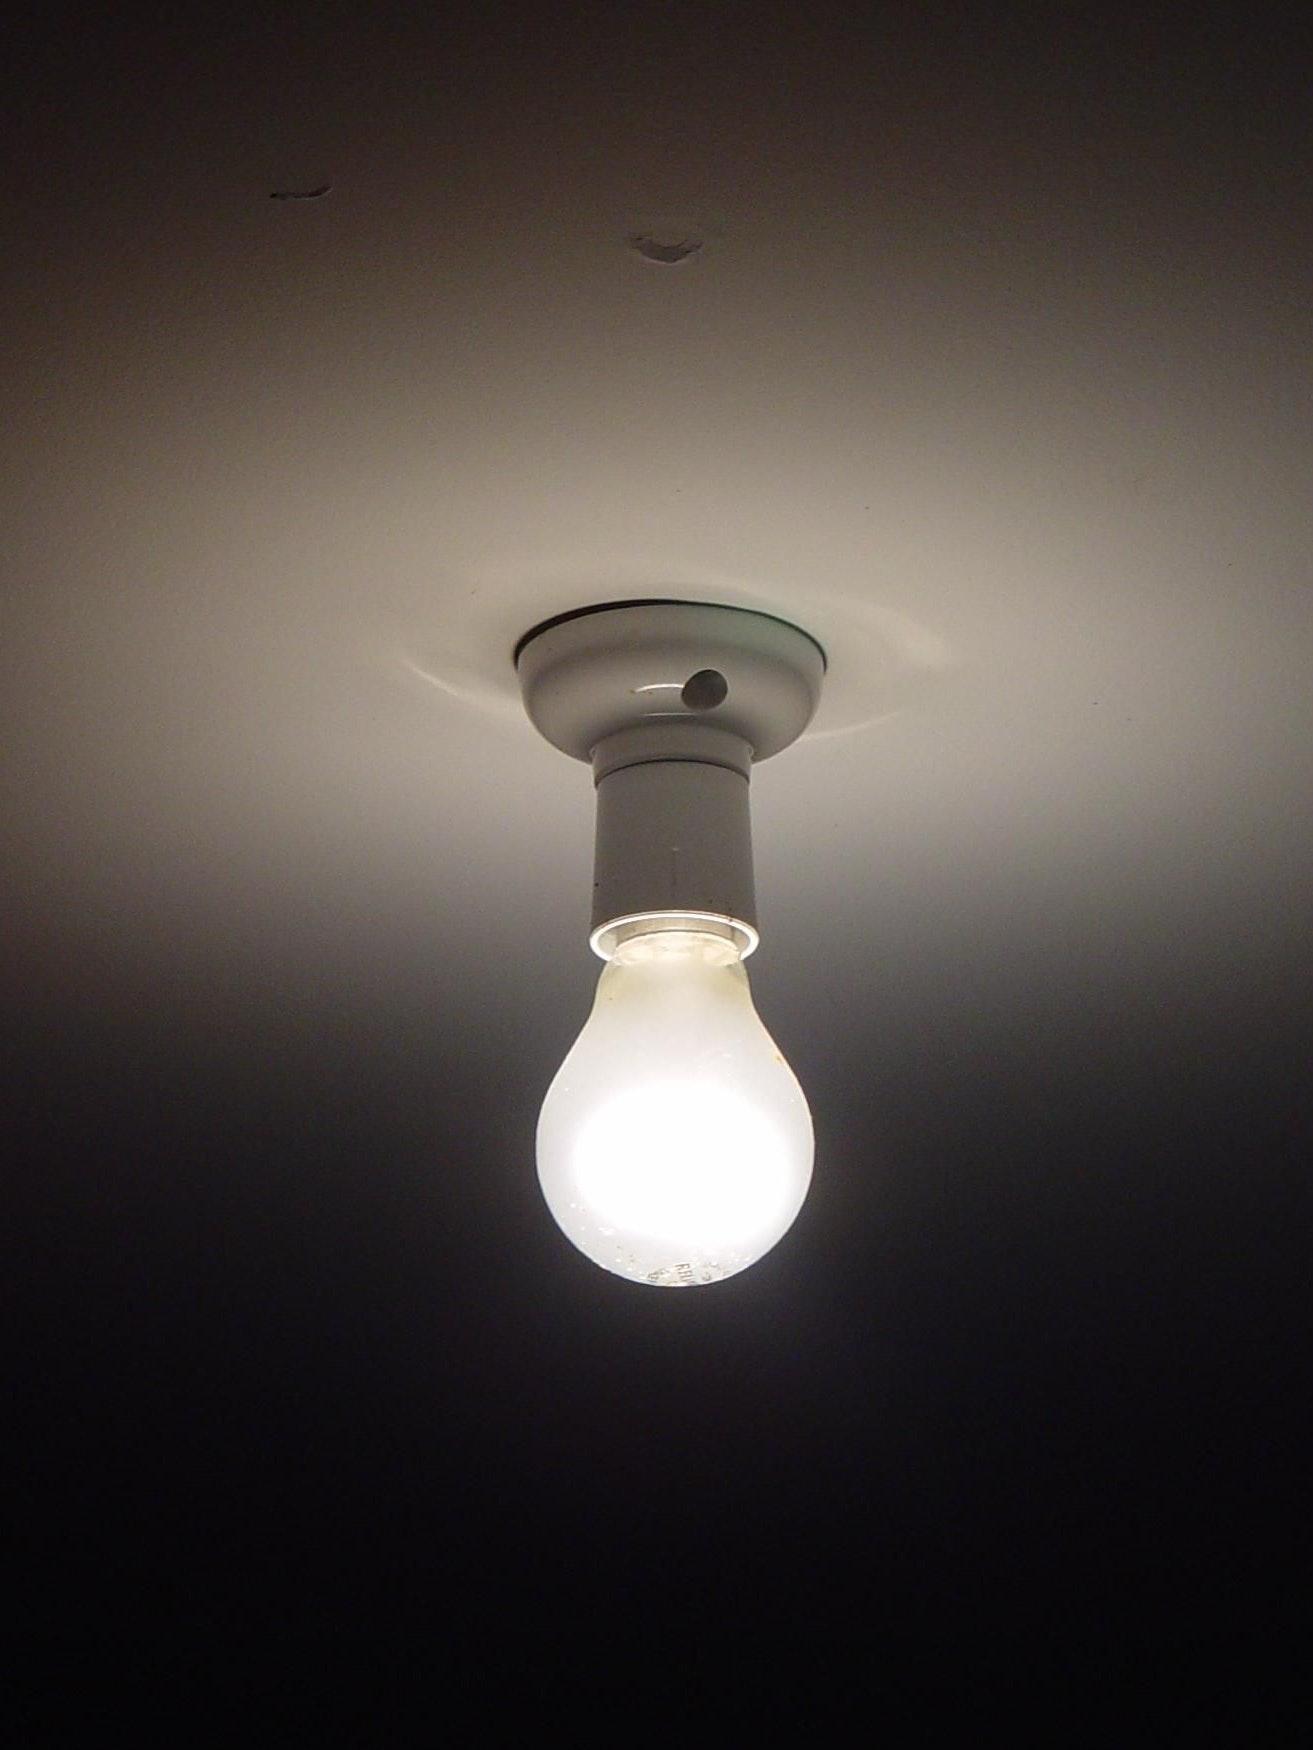 Genius light bulb